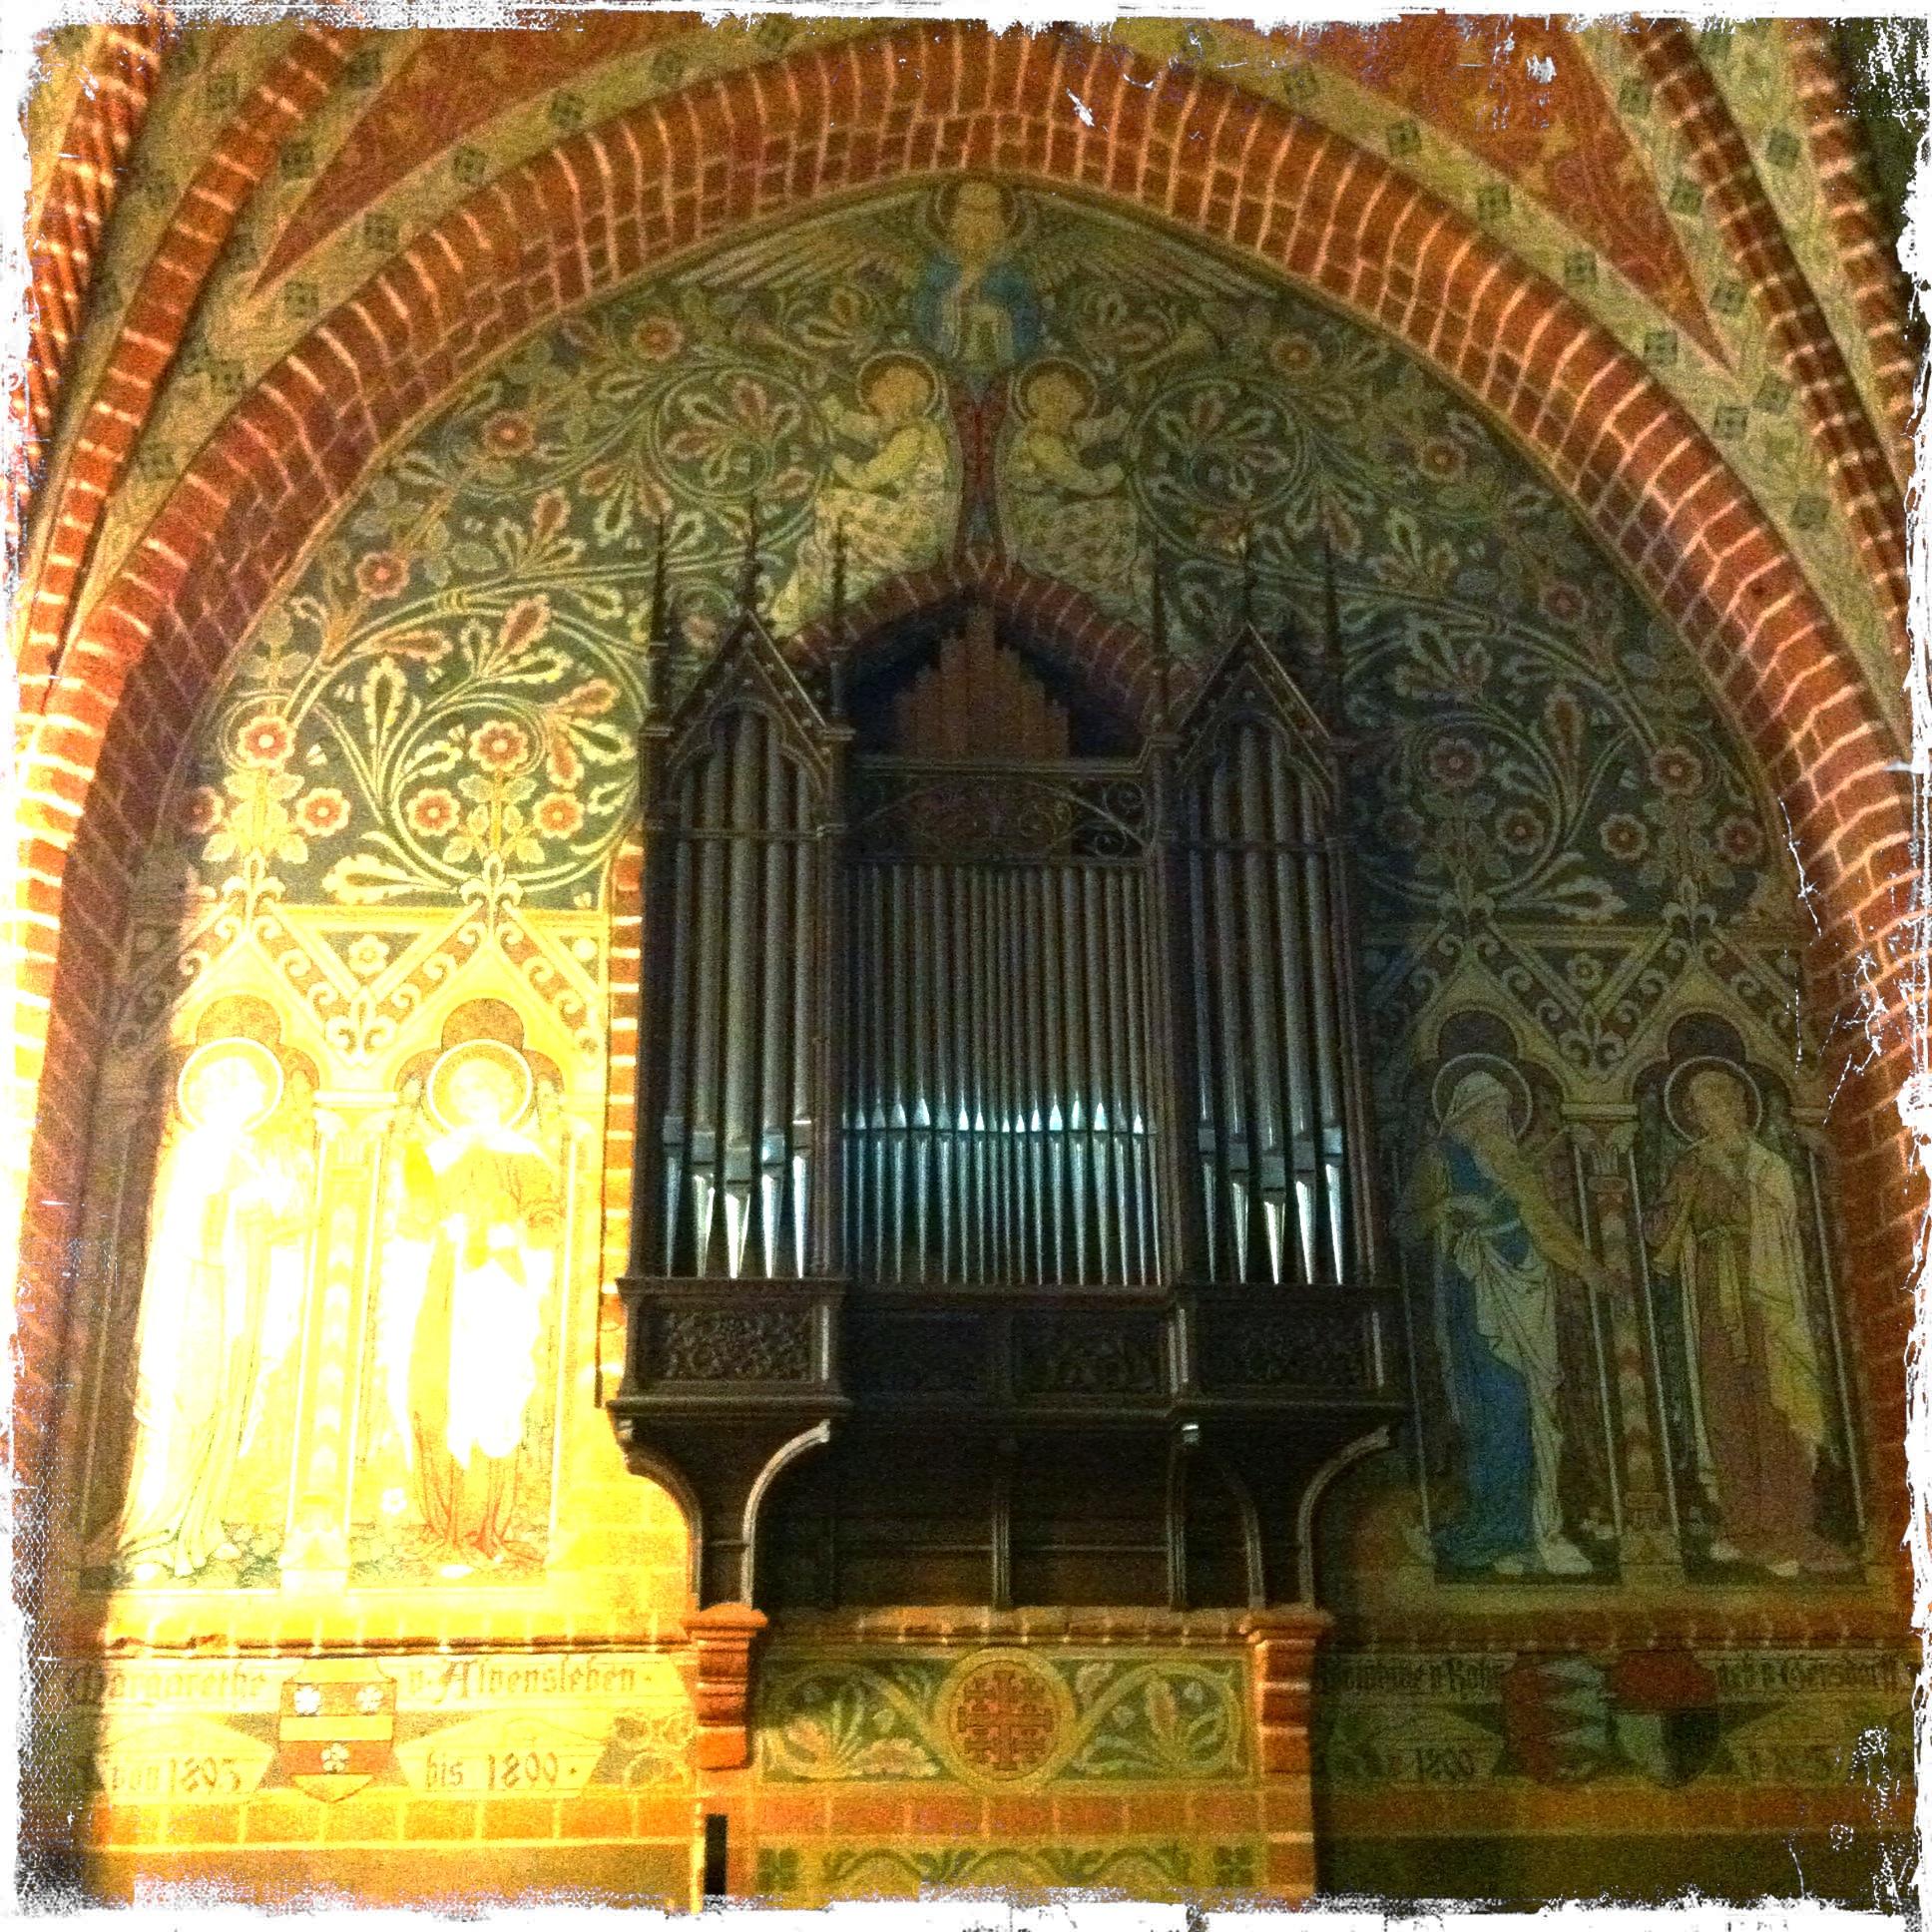 Brandenburg Kloster Stift zum Heiligengrabe I Orgel Heiligengrabekapelle